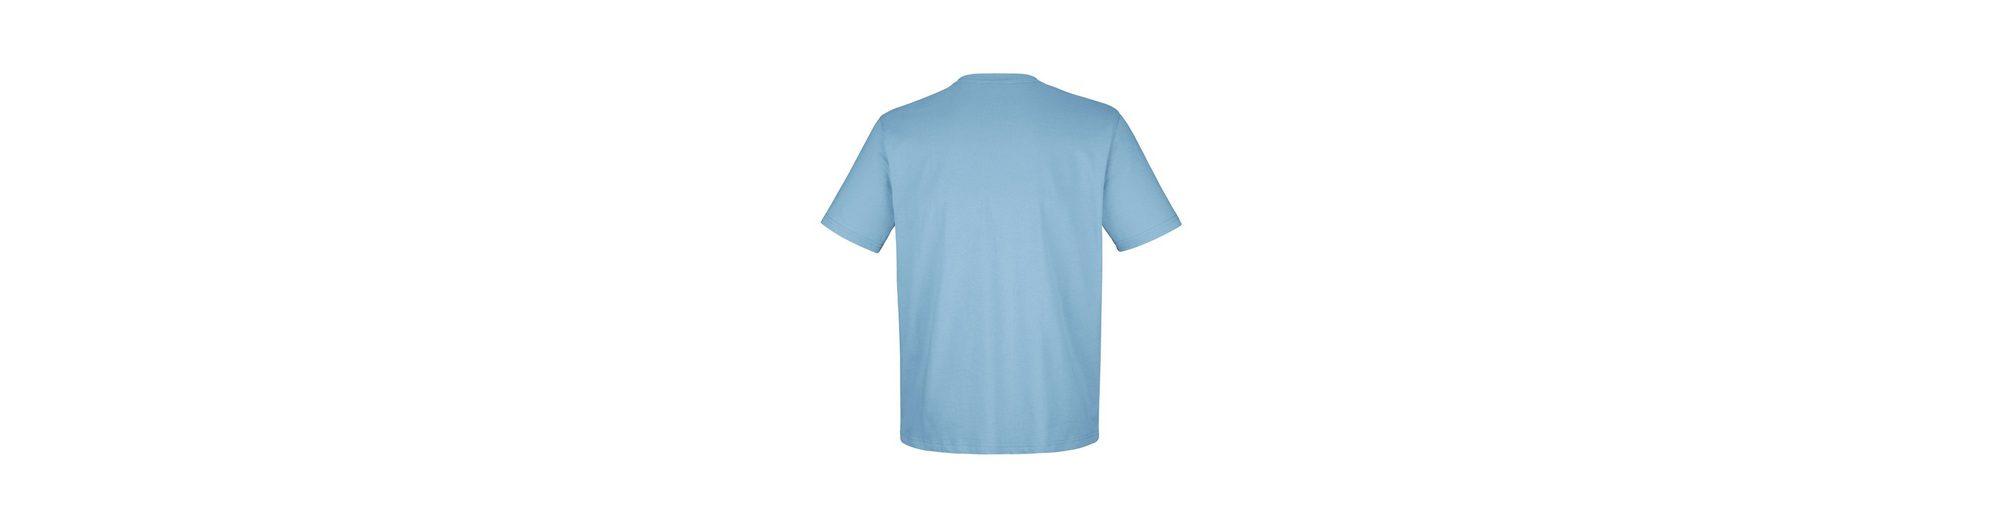 Erkunden Roger Kent T-Shirt mit Webbandbesatz Günstig Kaufen Große Überraschung Billige Echte Offiziell xpbizDF9o